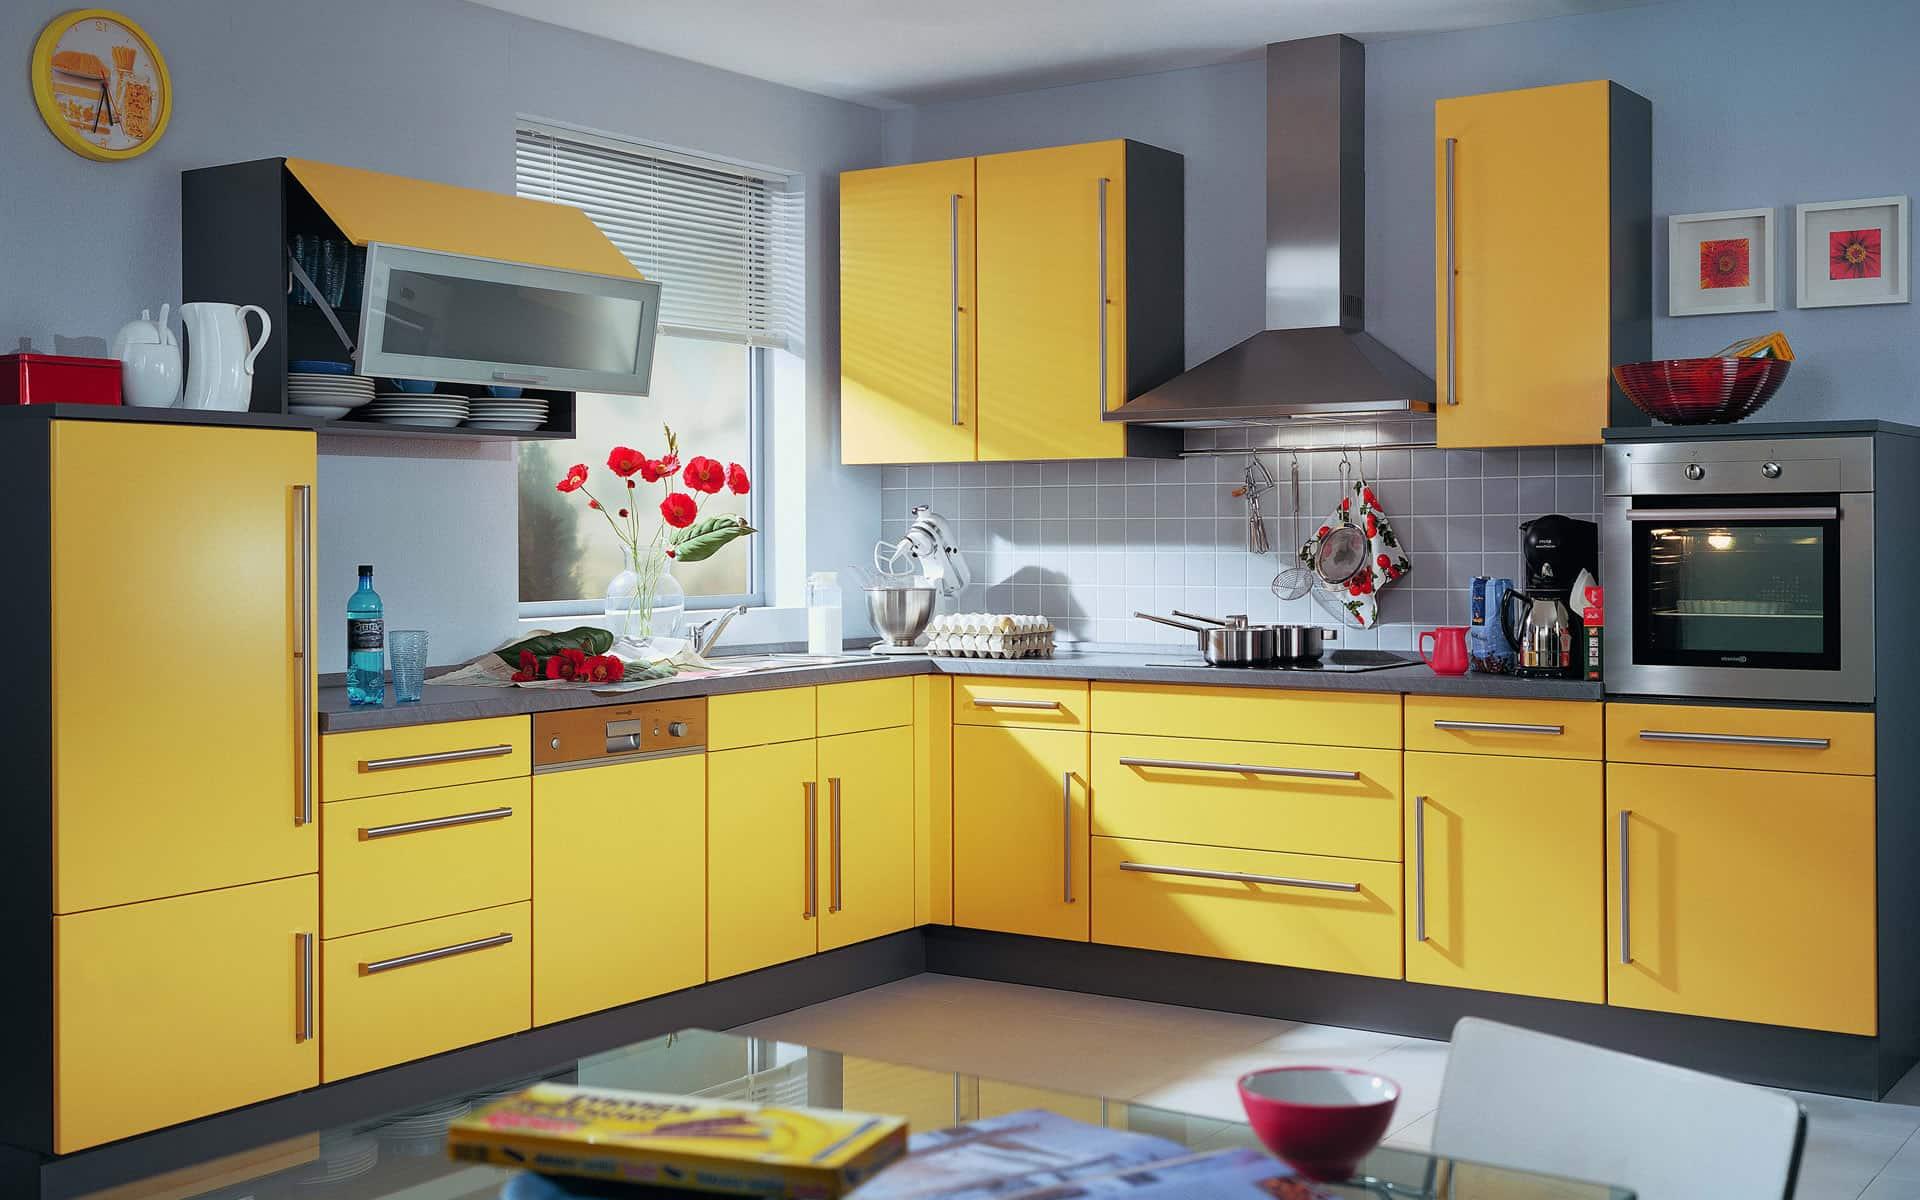 Желтый цвет, как и белый, способен поменять объём кухни, придавая интерьеру визуальную глубину